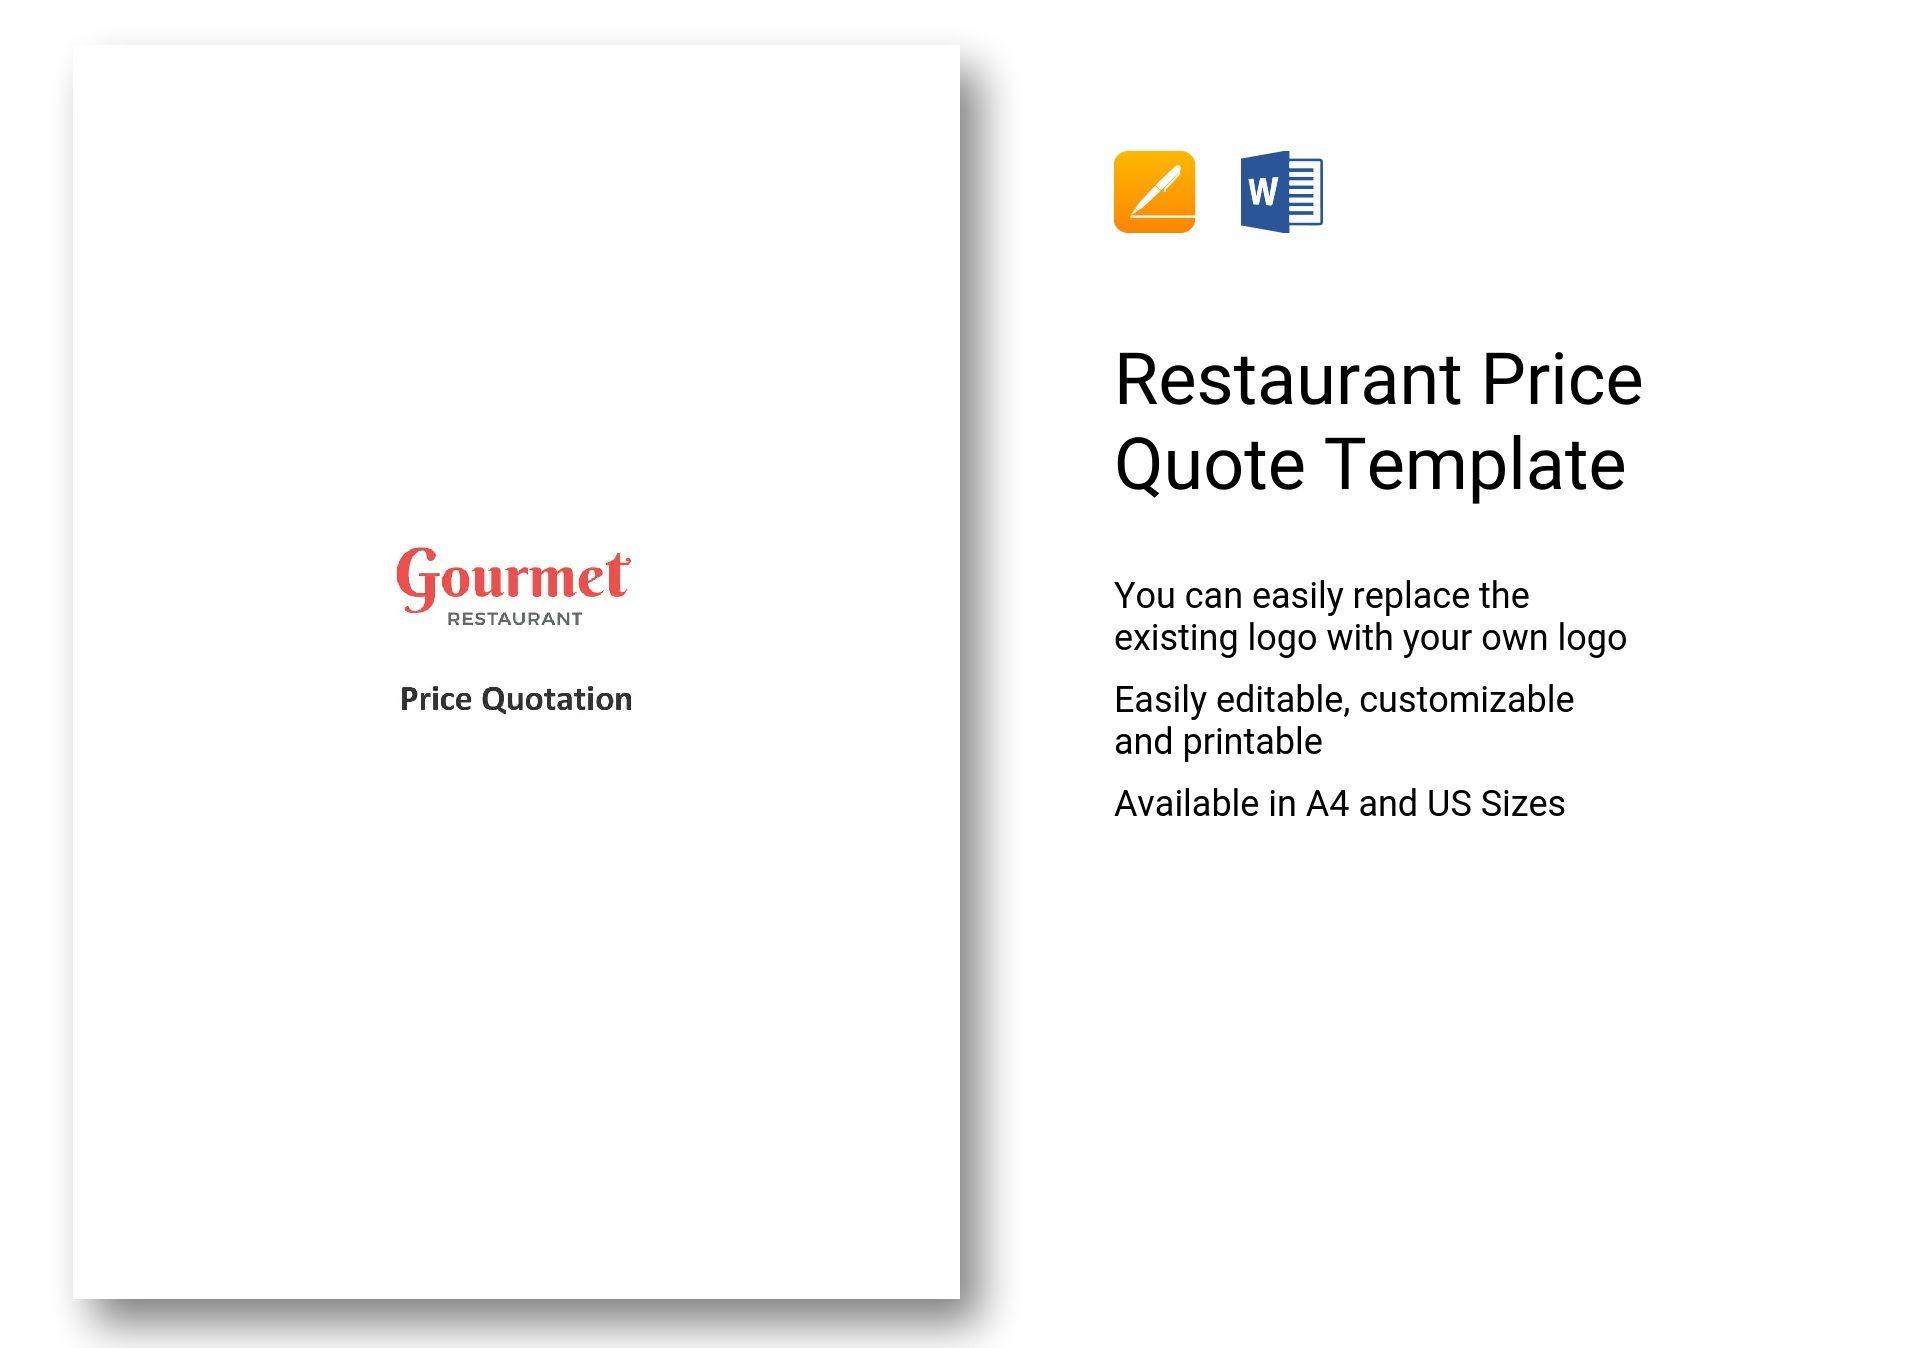 Restaurant Price Quote